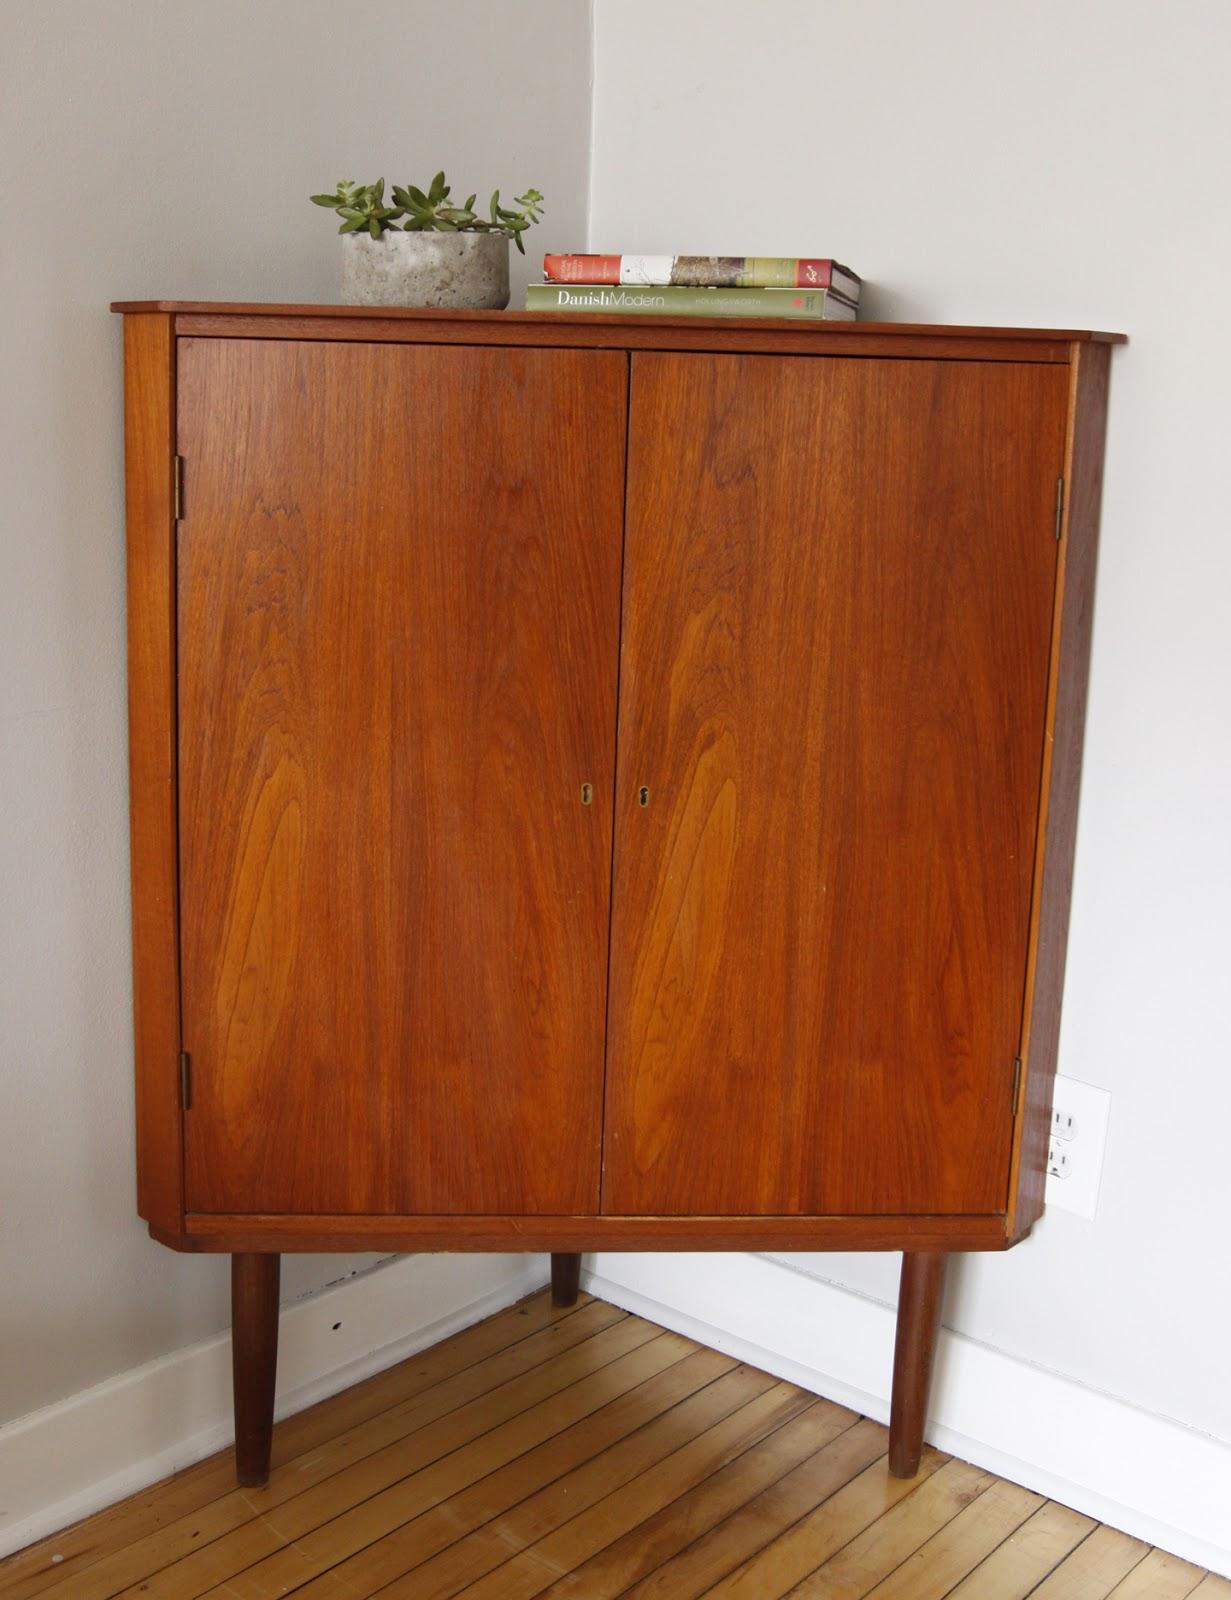 Corner Cabinet Furniture Dining Room: Str8mcm: Danish Modern Corner Cabinet